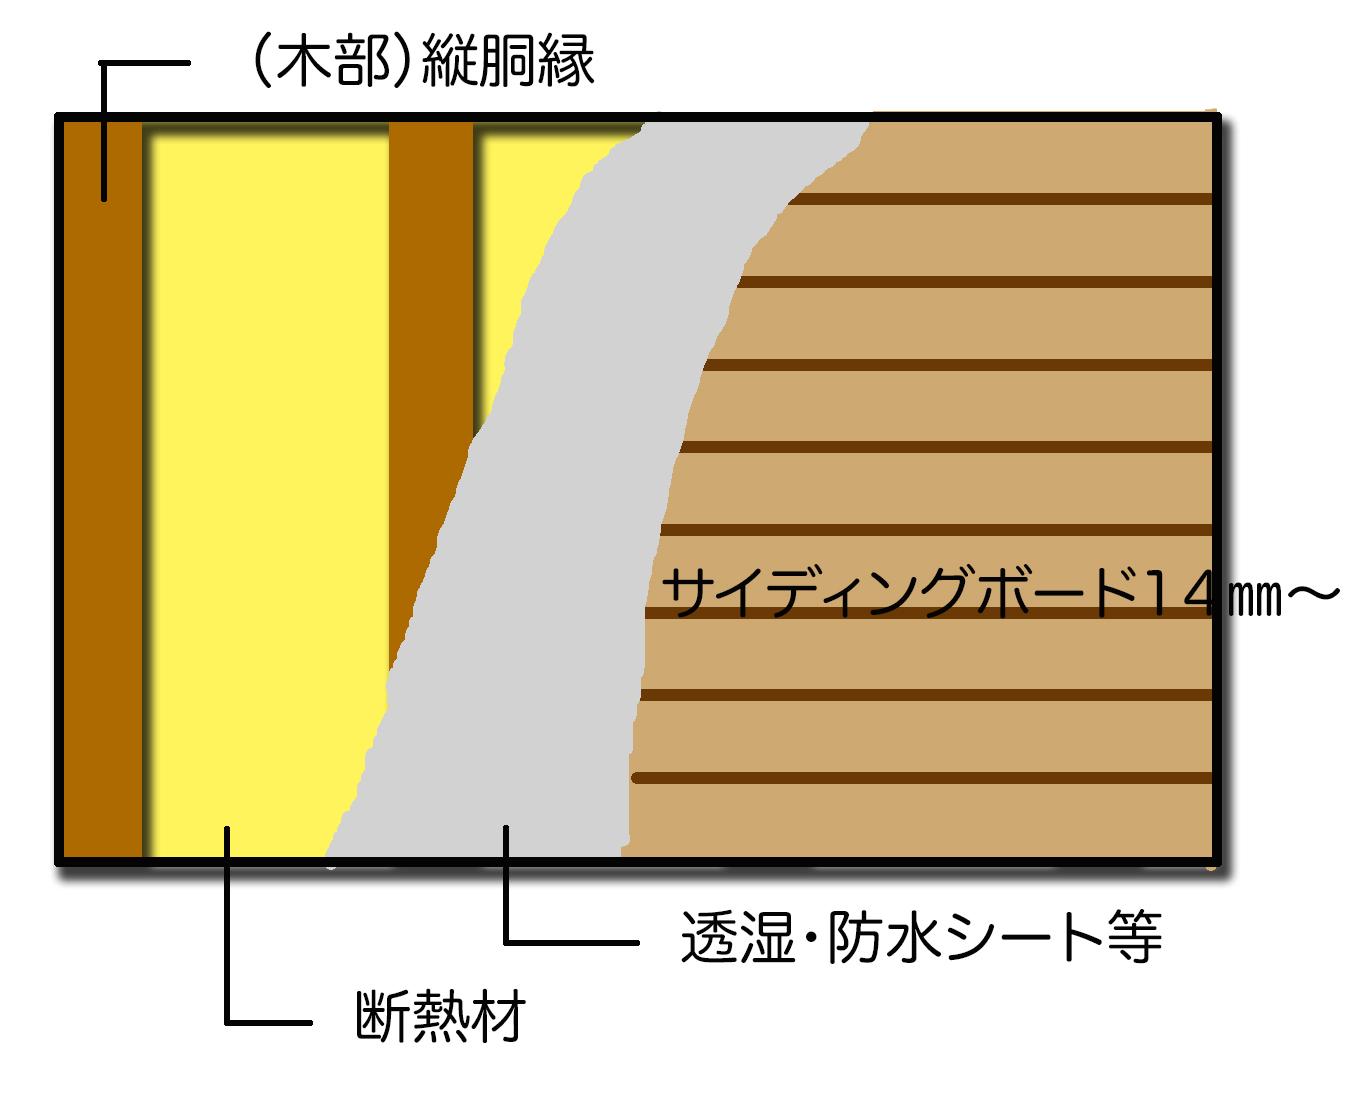 外壁塗装について・・・②窯業系サイディング壁とは